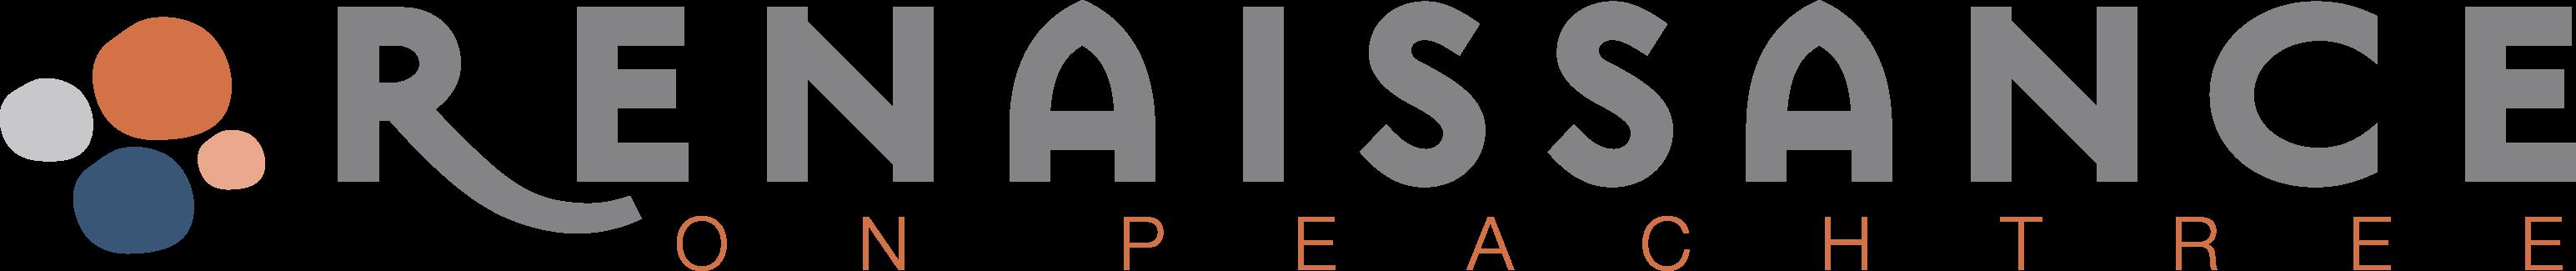 renaissance-on-peachtree-logo